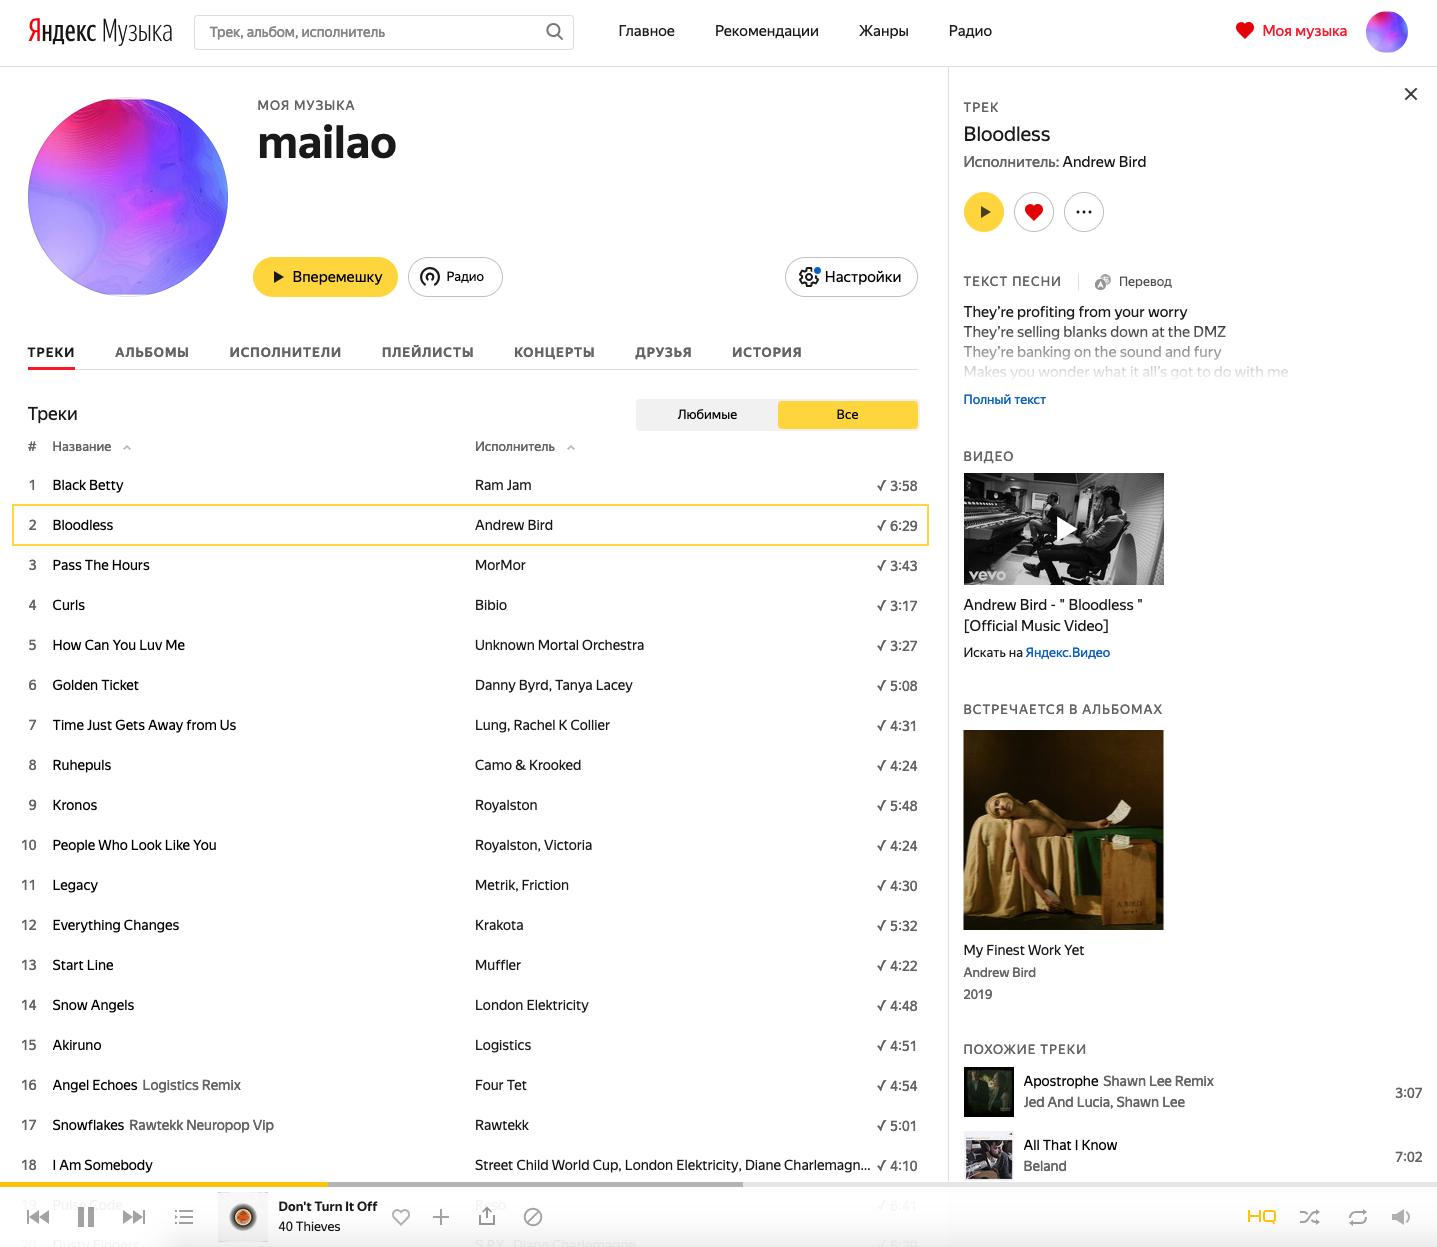 Что не так с Яндекс.Музыкой? UX-UI разбор - 8